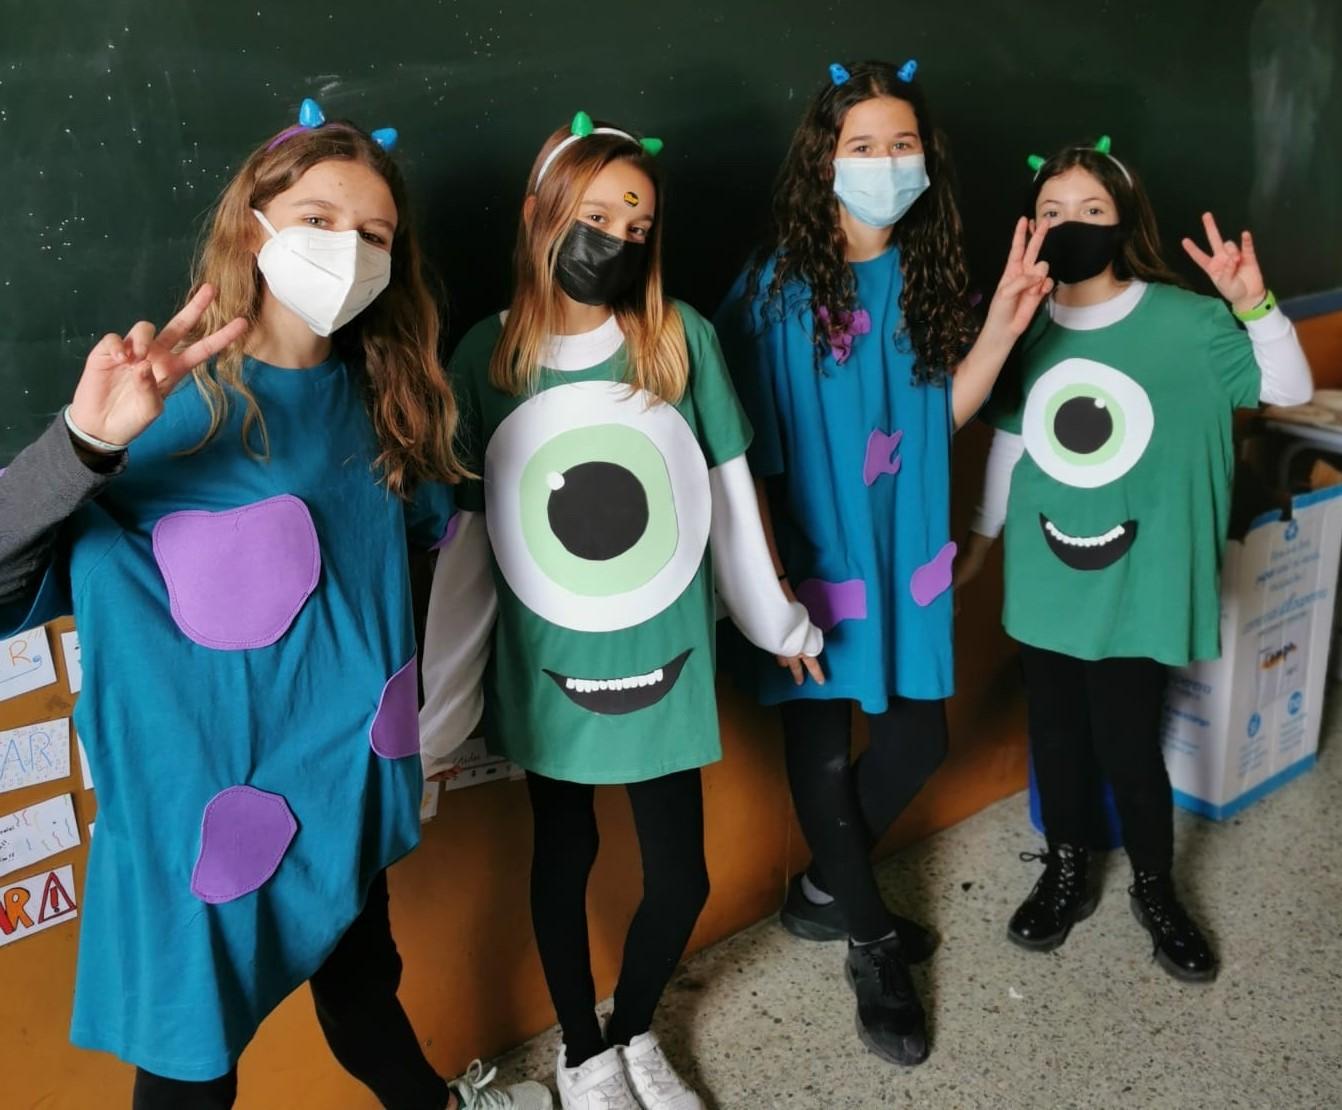 Nens-disfressats-a-la-salle-premià-carnestoltes